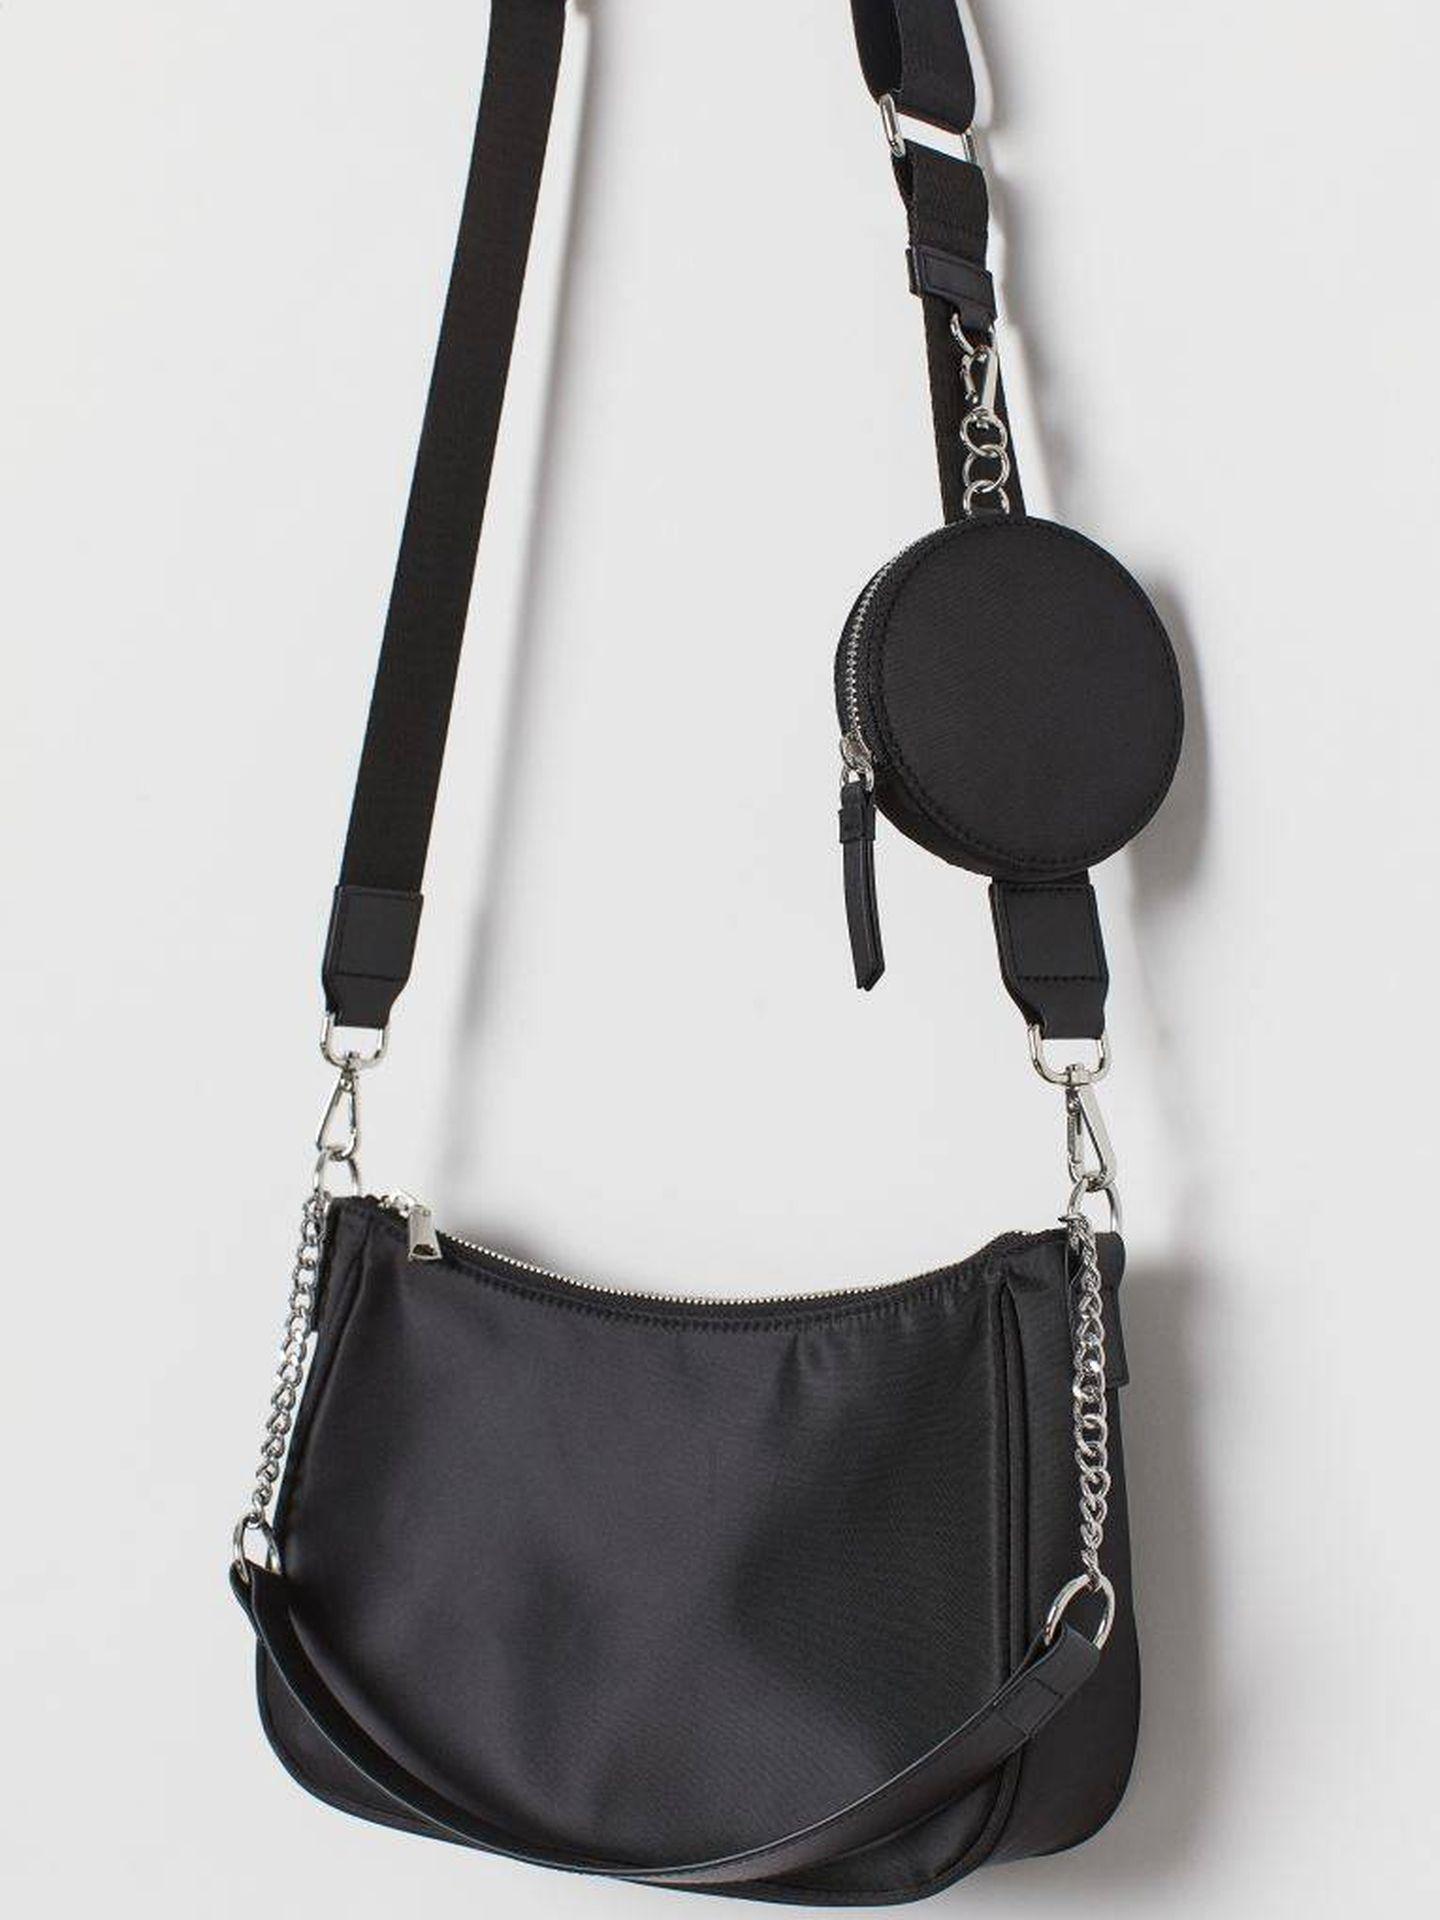 El bolso de HyM en color negro. (Cortesía)